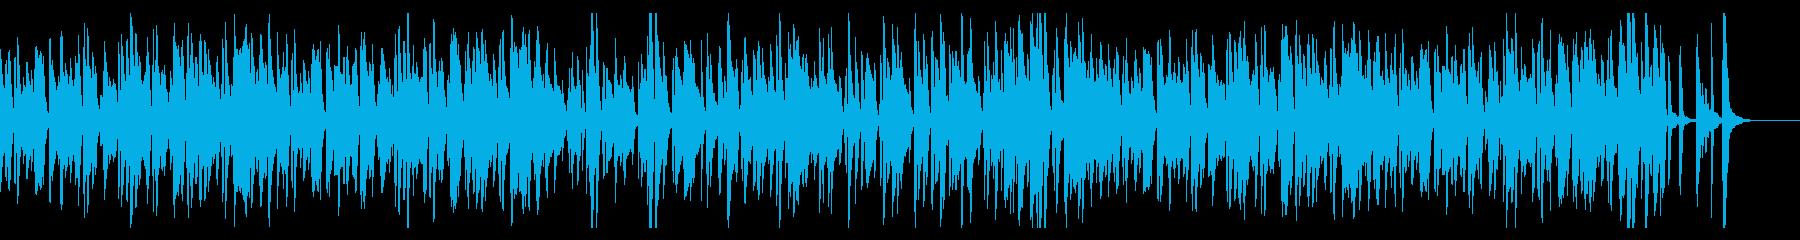 お洒落なジャズピアノトリオ24 ほのぼのの再生済みの波形